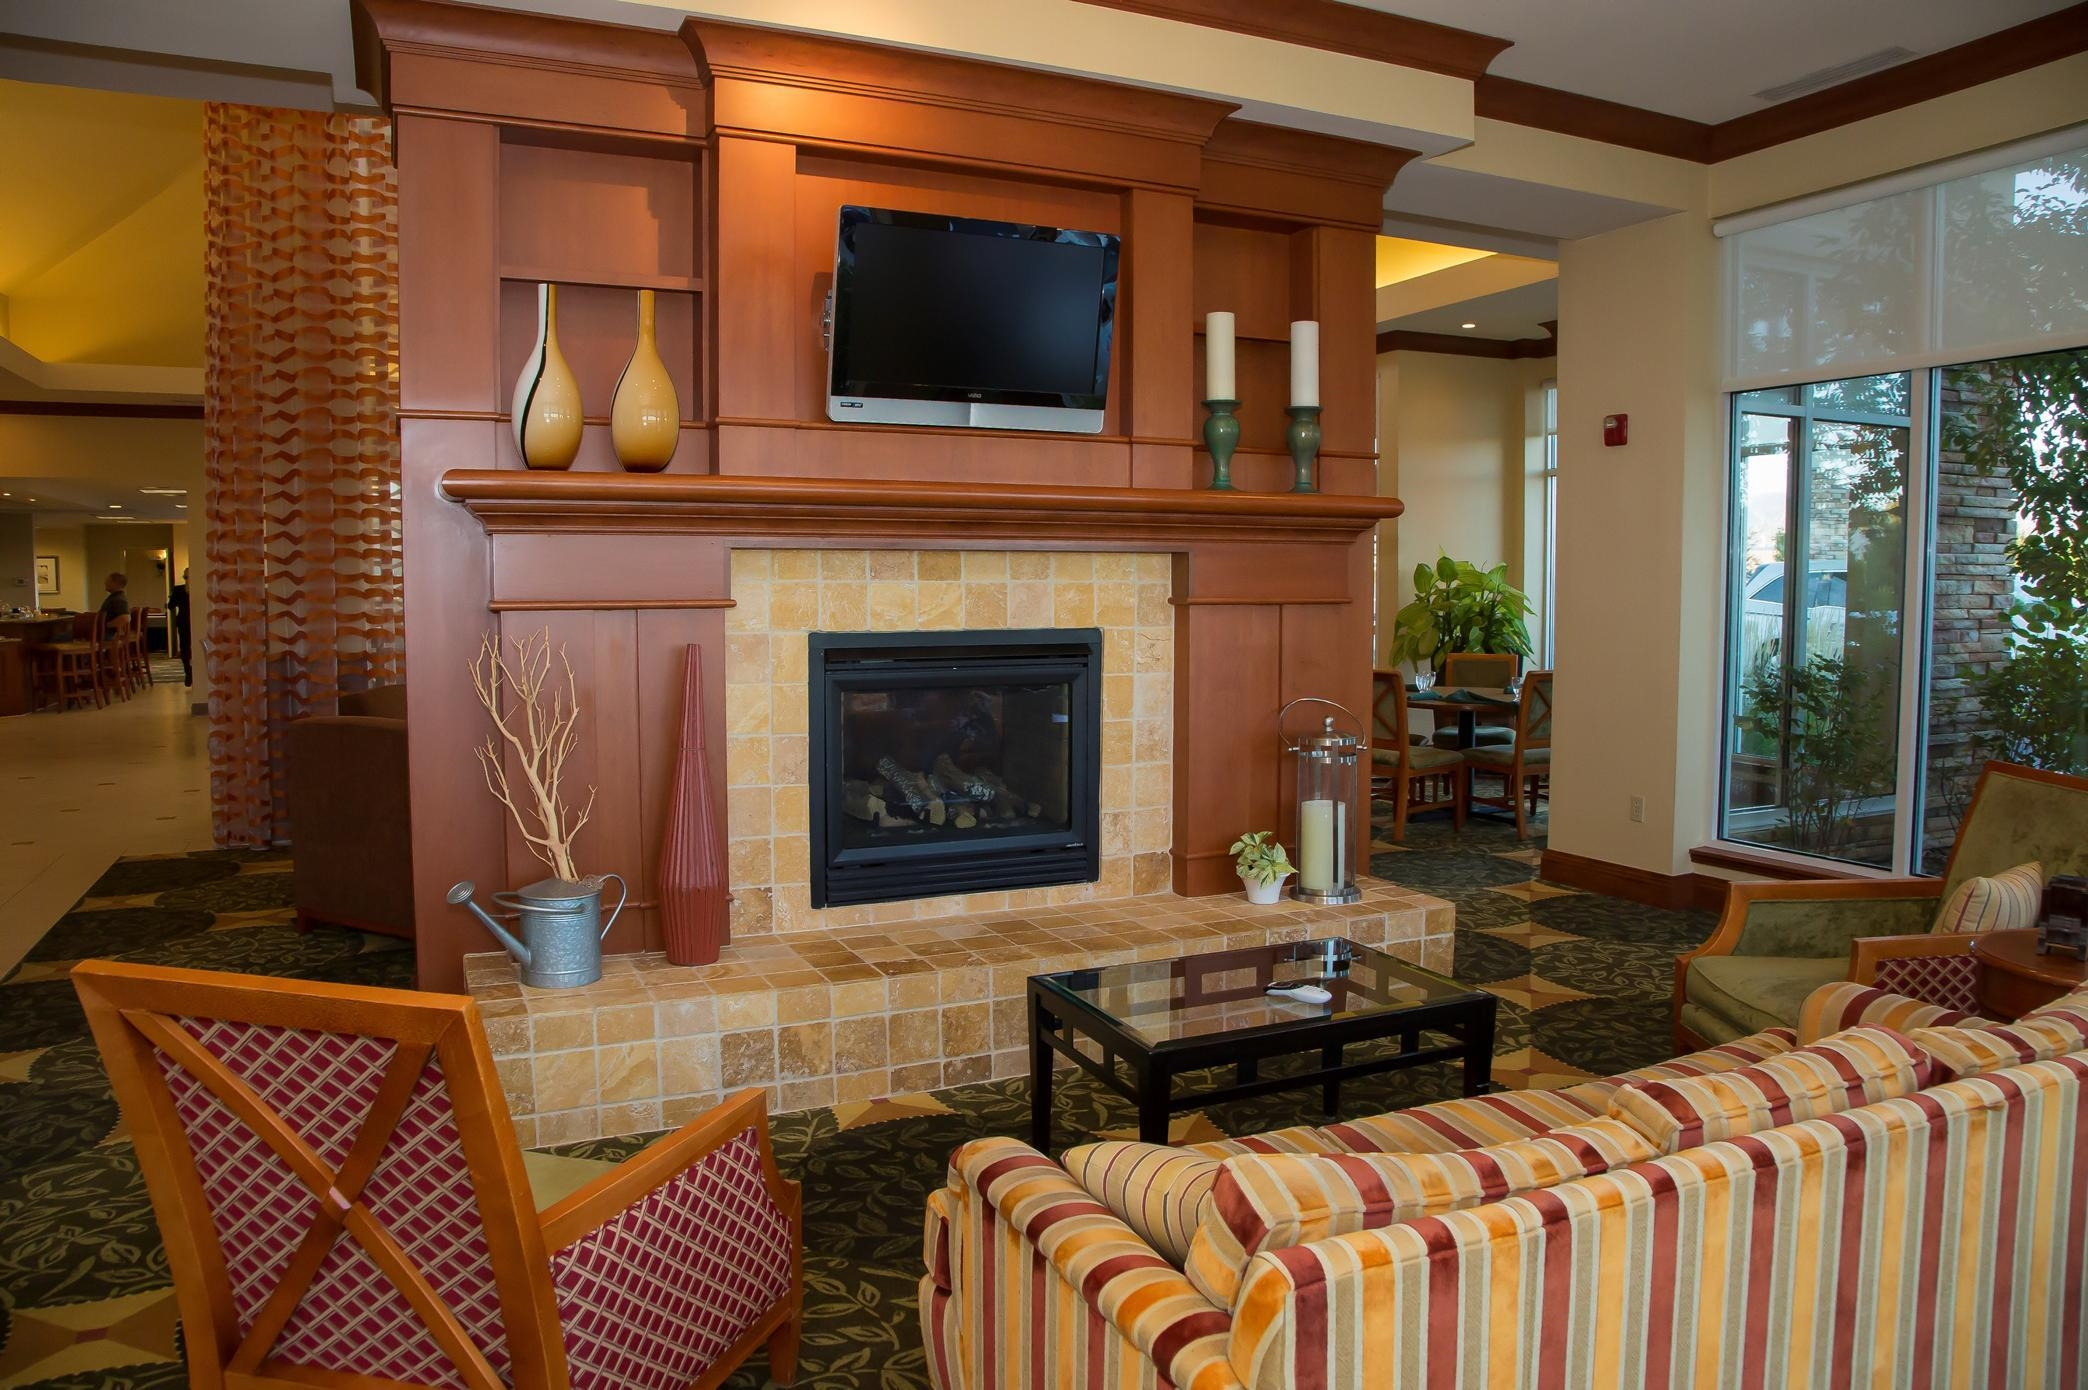 Hilton Garden Inn Colorado Springs Airport In Colorado Springs Co 80916